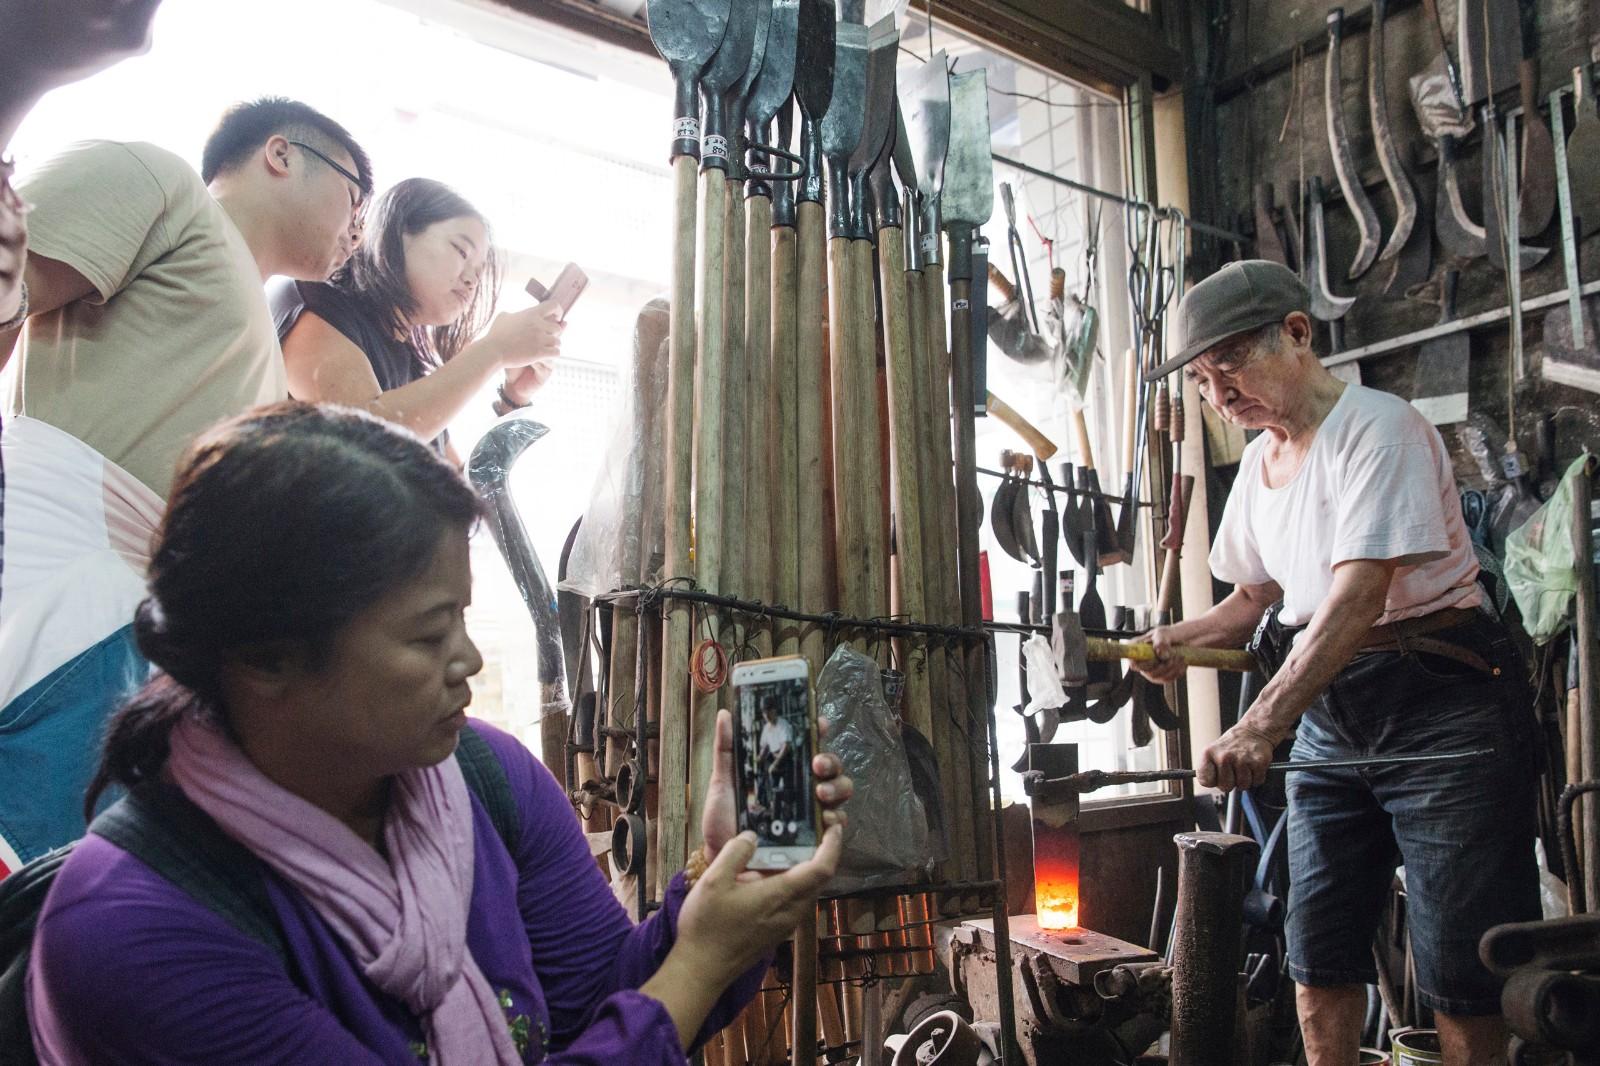 一日職人DIY體驗 - 三峽打鐵職人 | 甘樂文創 | 甘之如飴,樂在其中